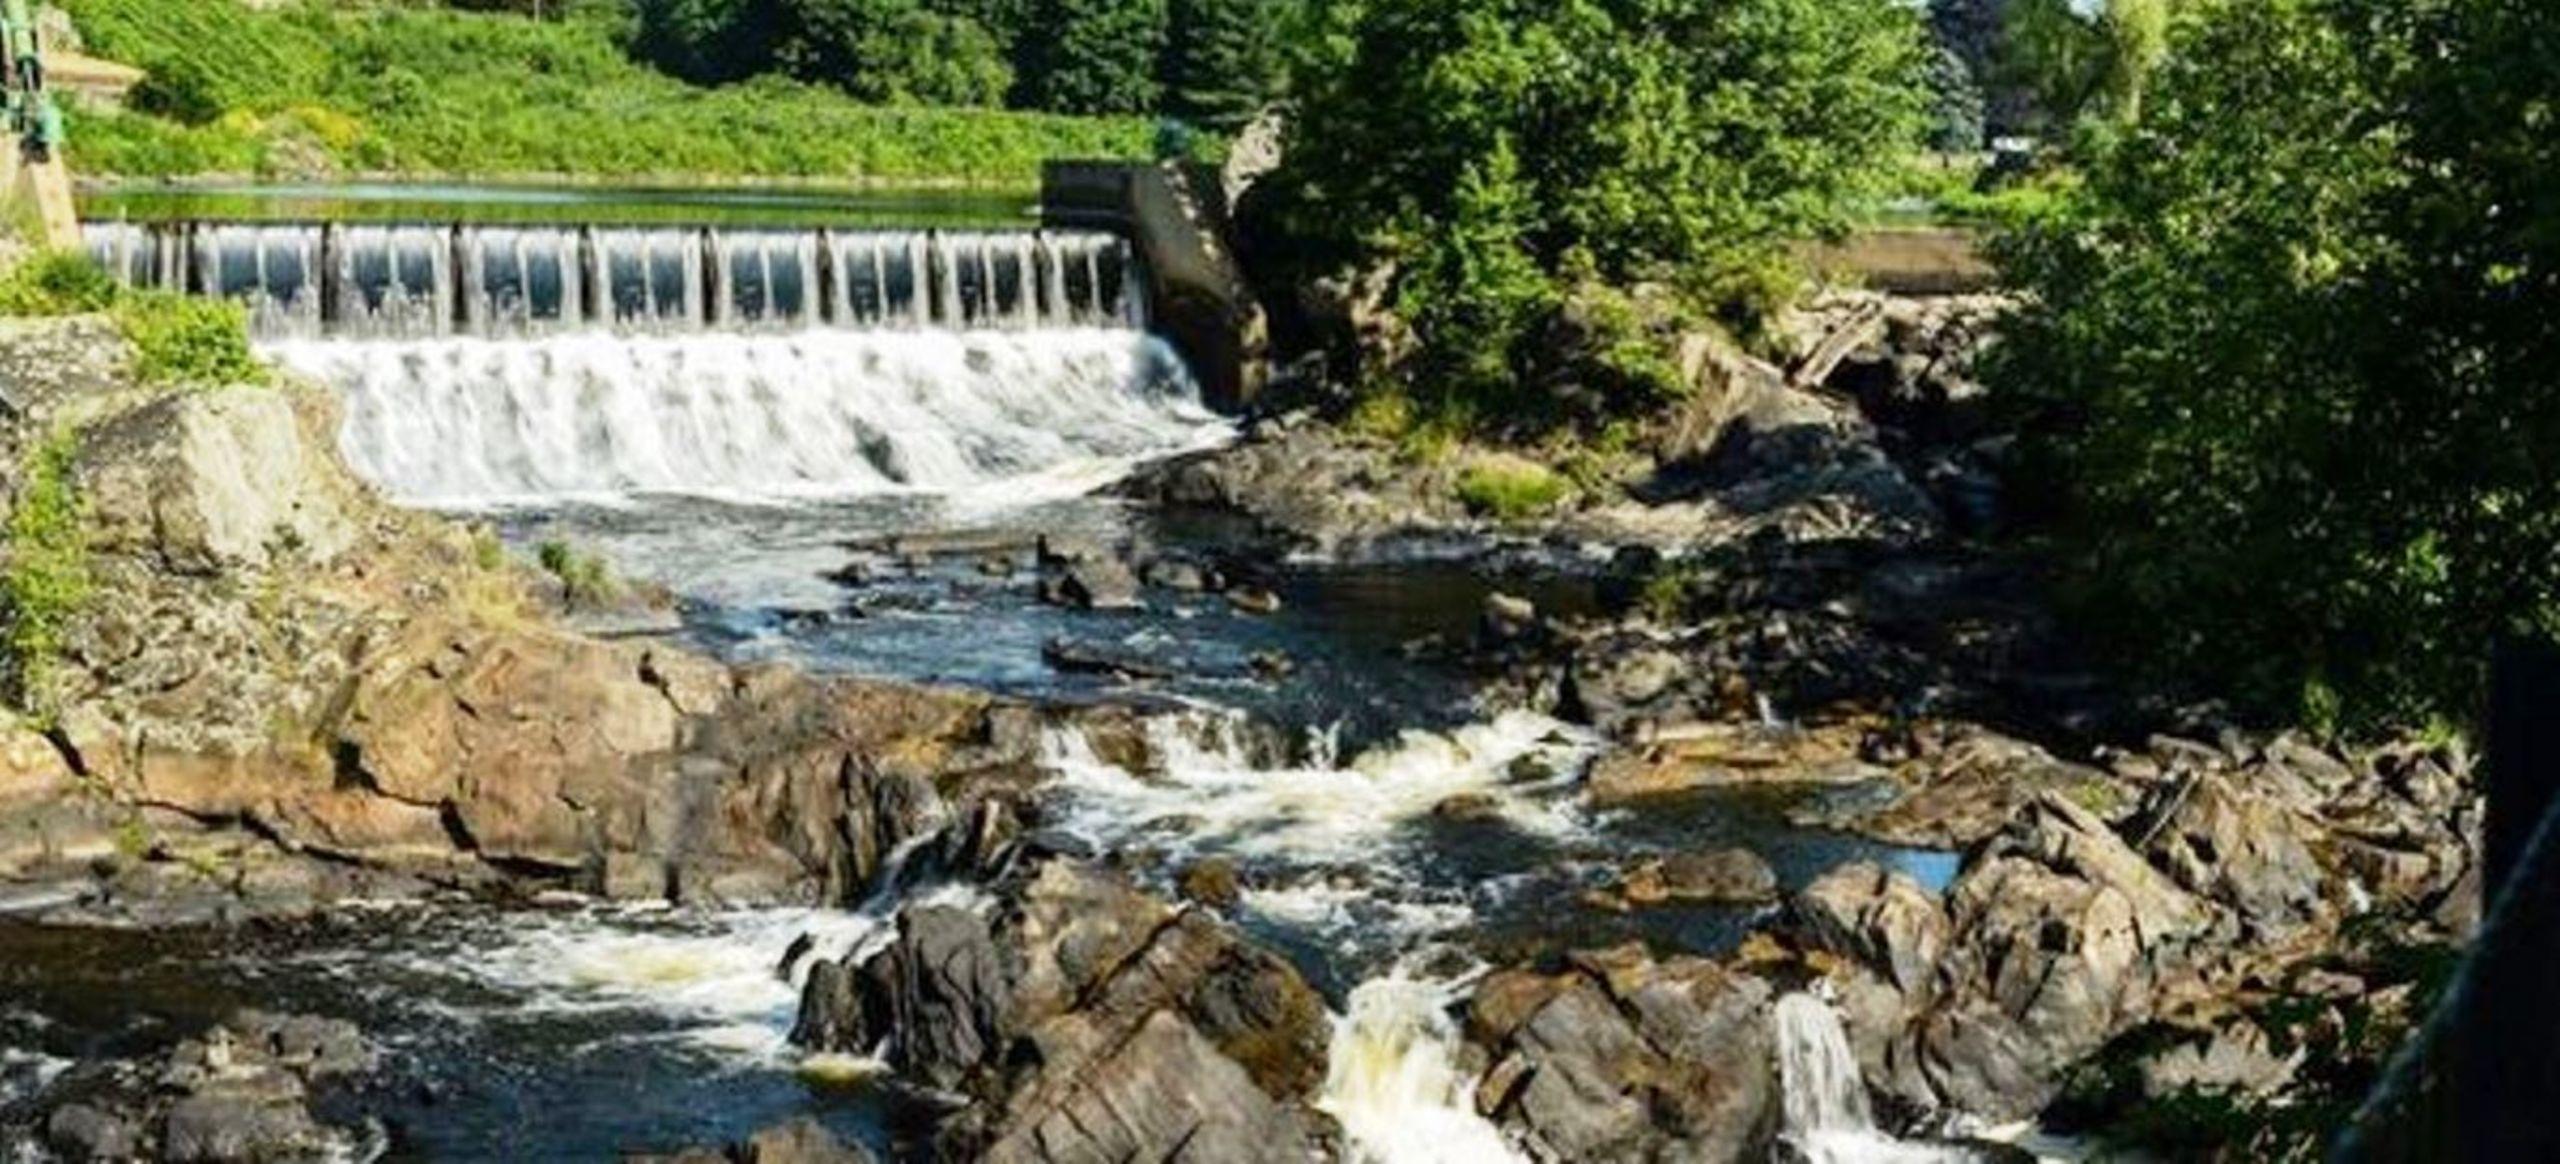 Historic Cargill Falls